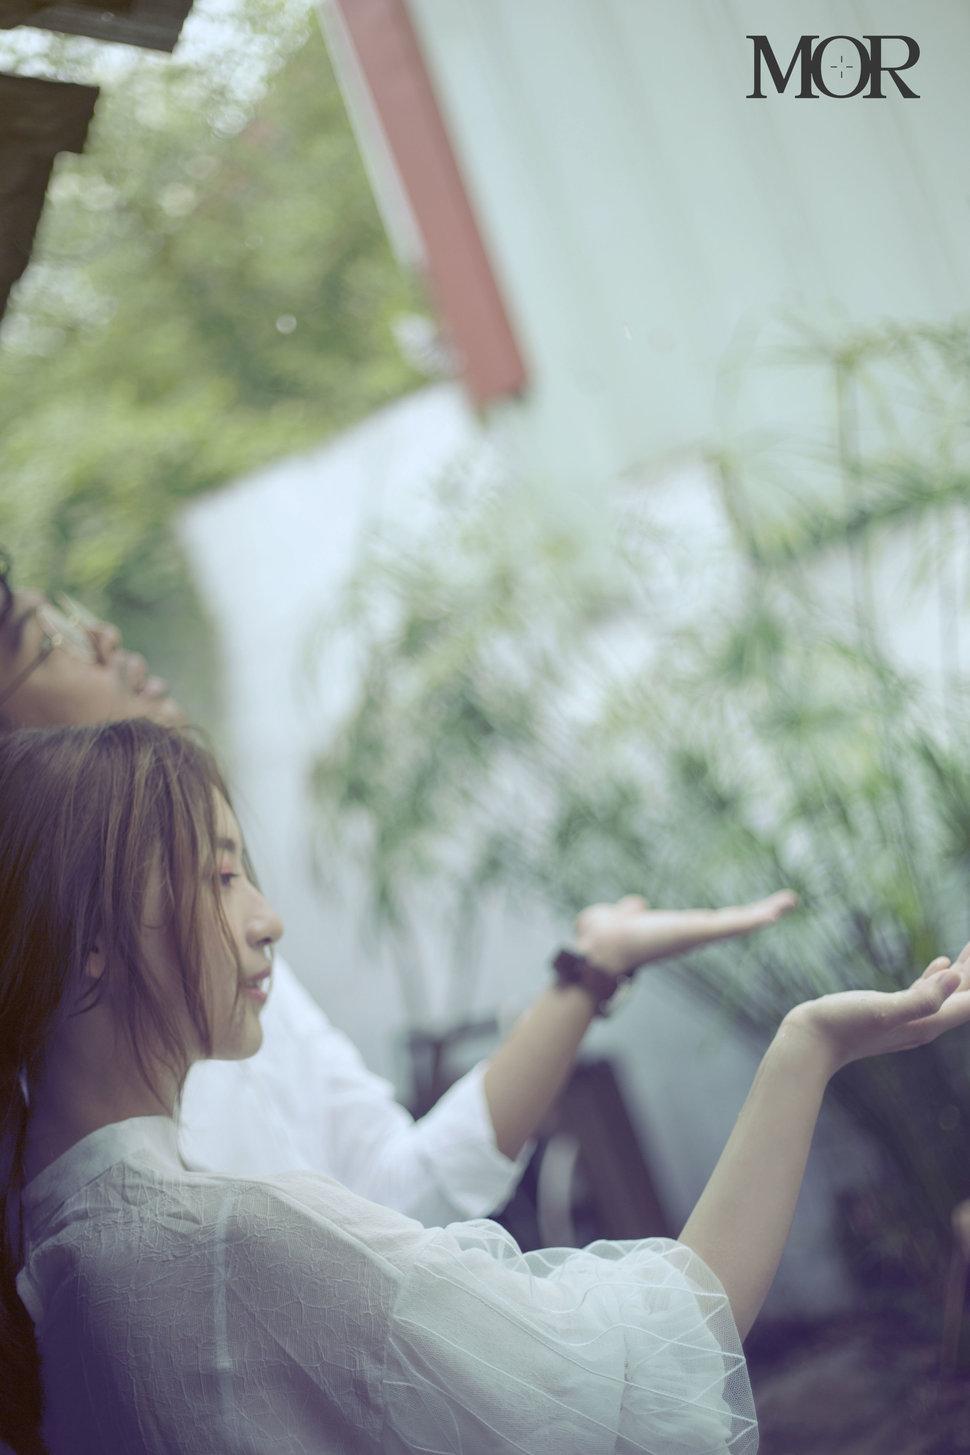 Mor_sample3_ (16) - MOR 婚紗攝影工坊 - 結婚吧